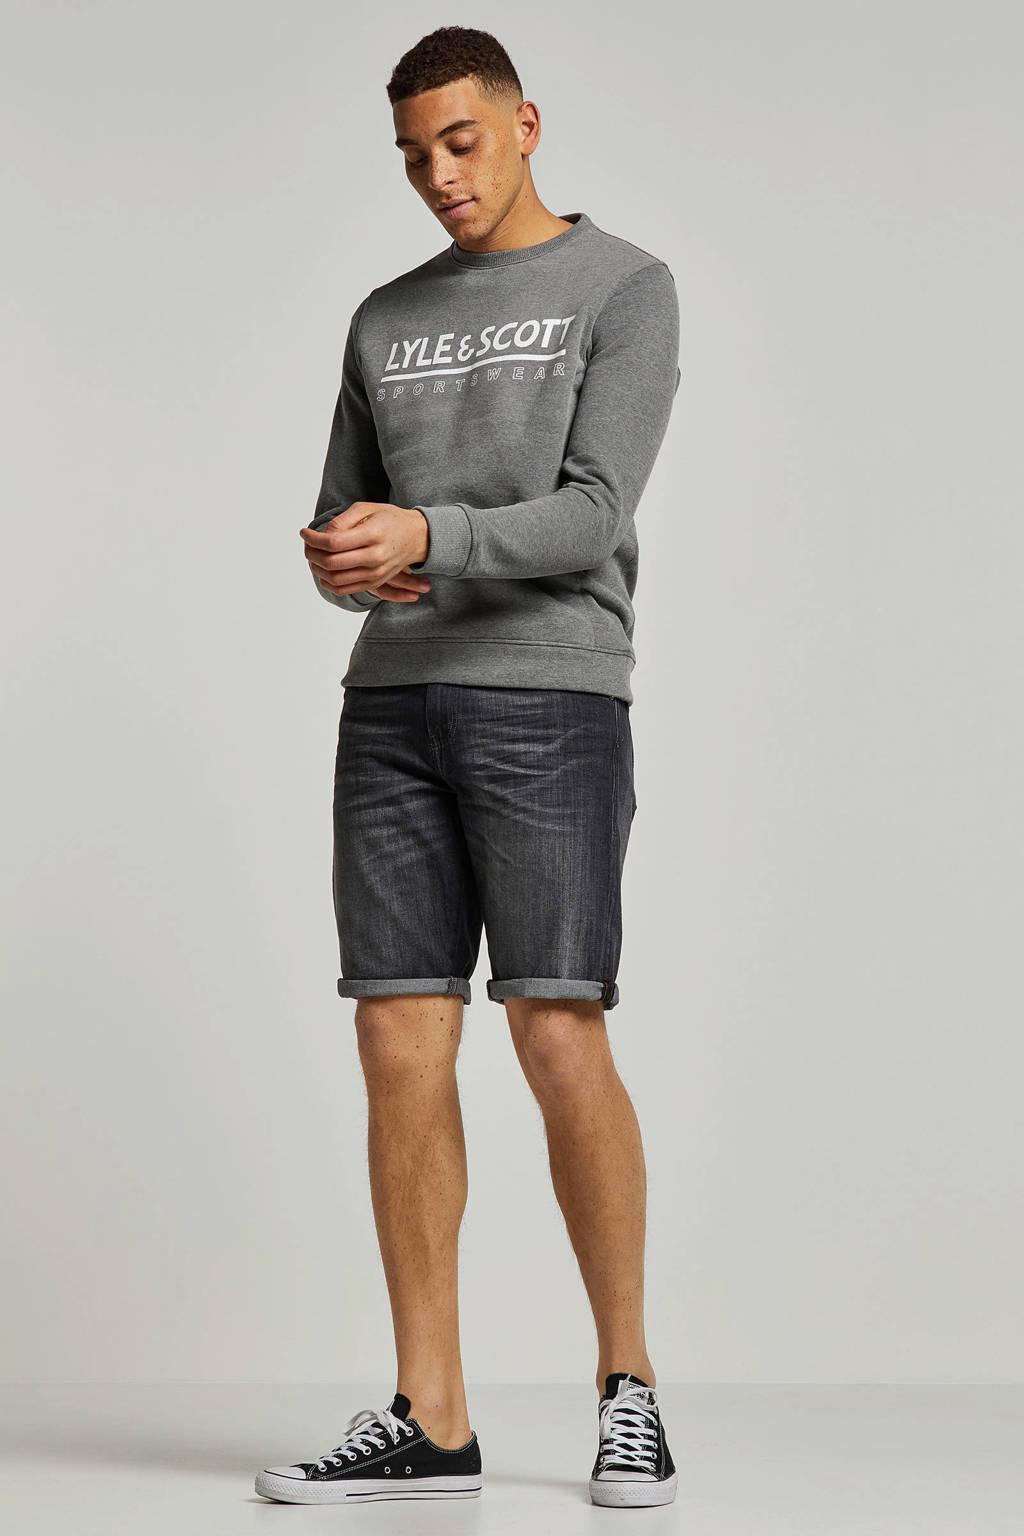 Diesel slim fit jeans short, 02-087AM